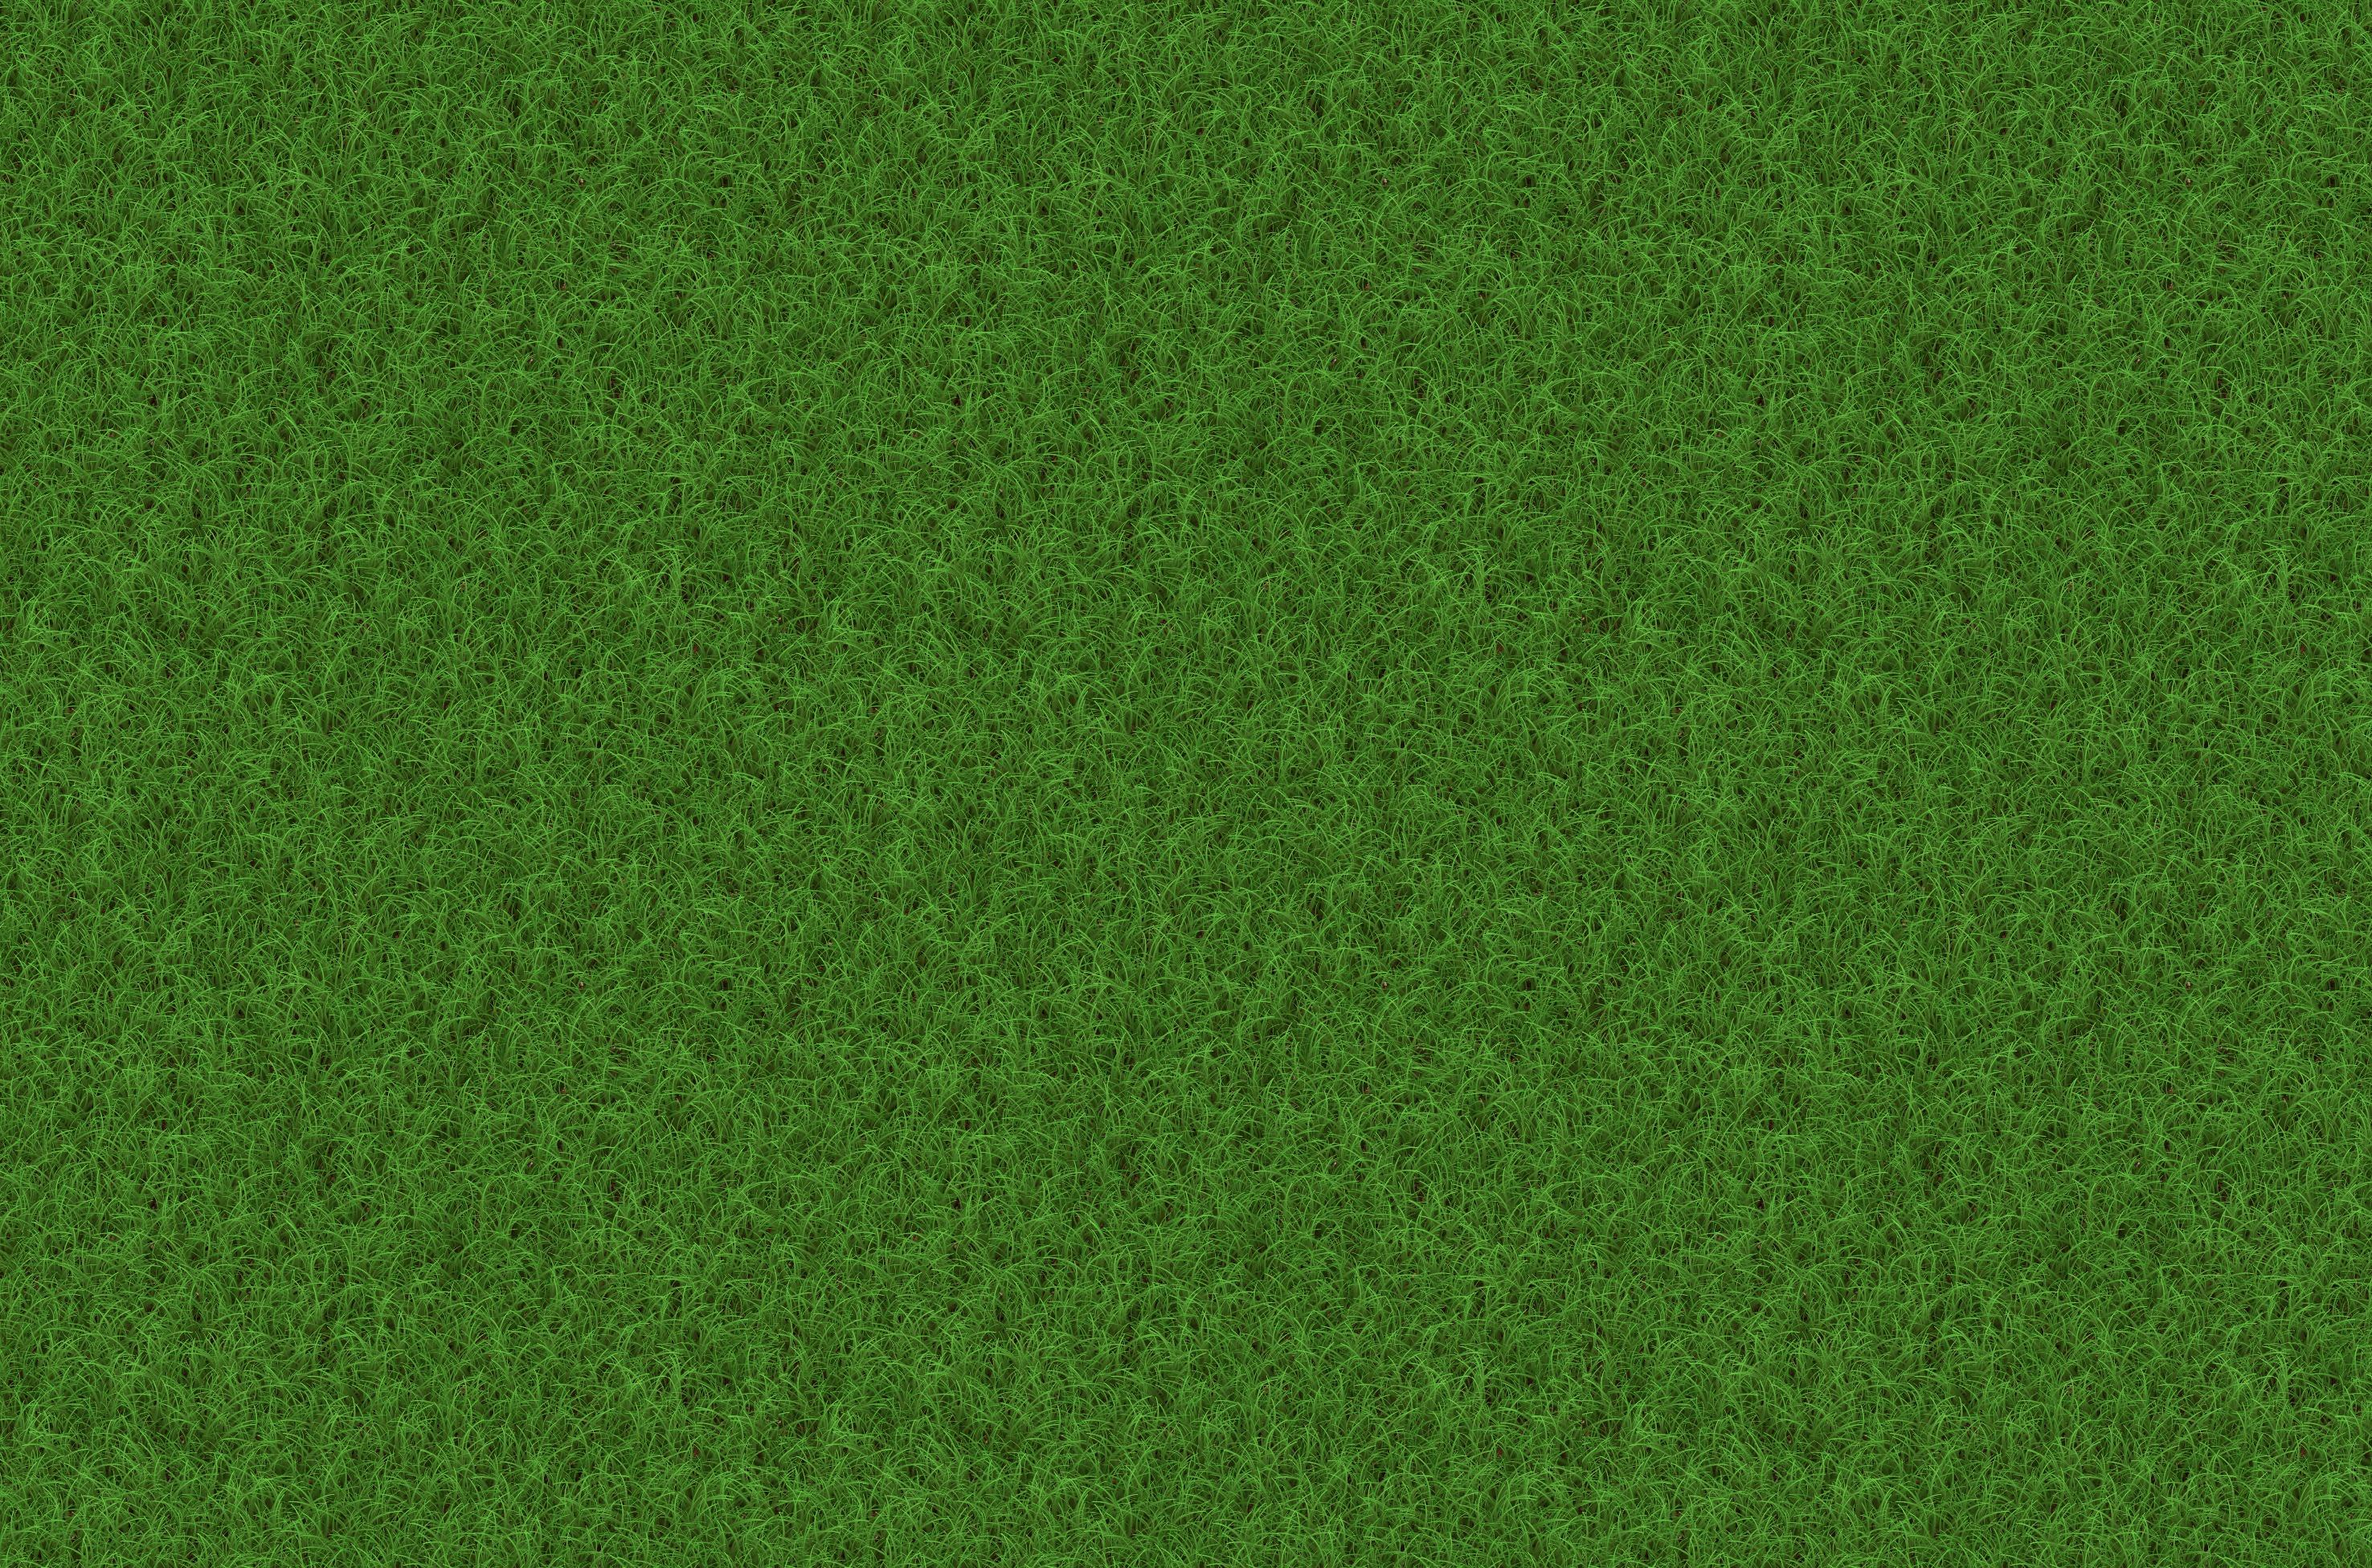 images gratuites herbe plante champ pelouse prairie. Black Bedroom Furniture Sets. Home Design Ideas